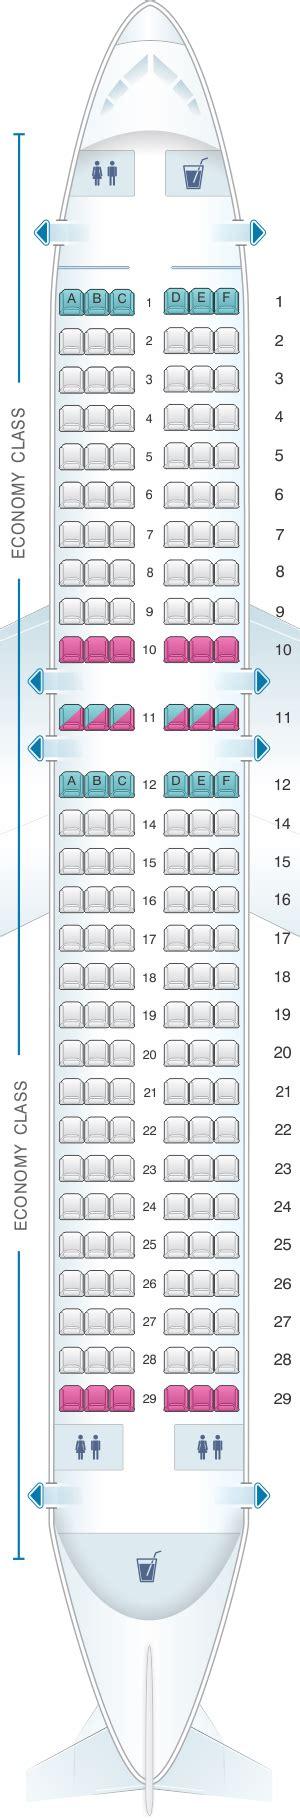 plan des sieges airbus a320 plan de cabine scandinavian airlines sas airbus a320